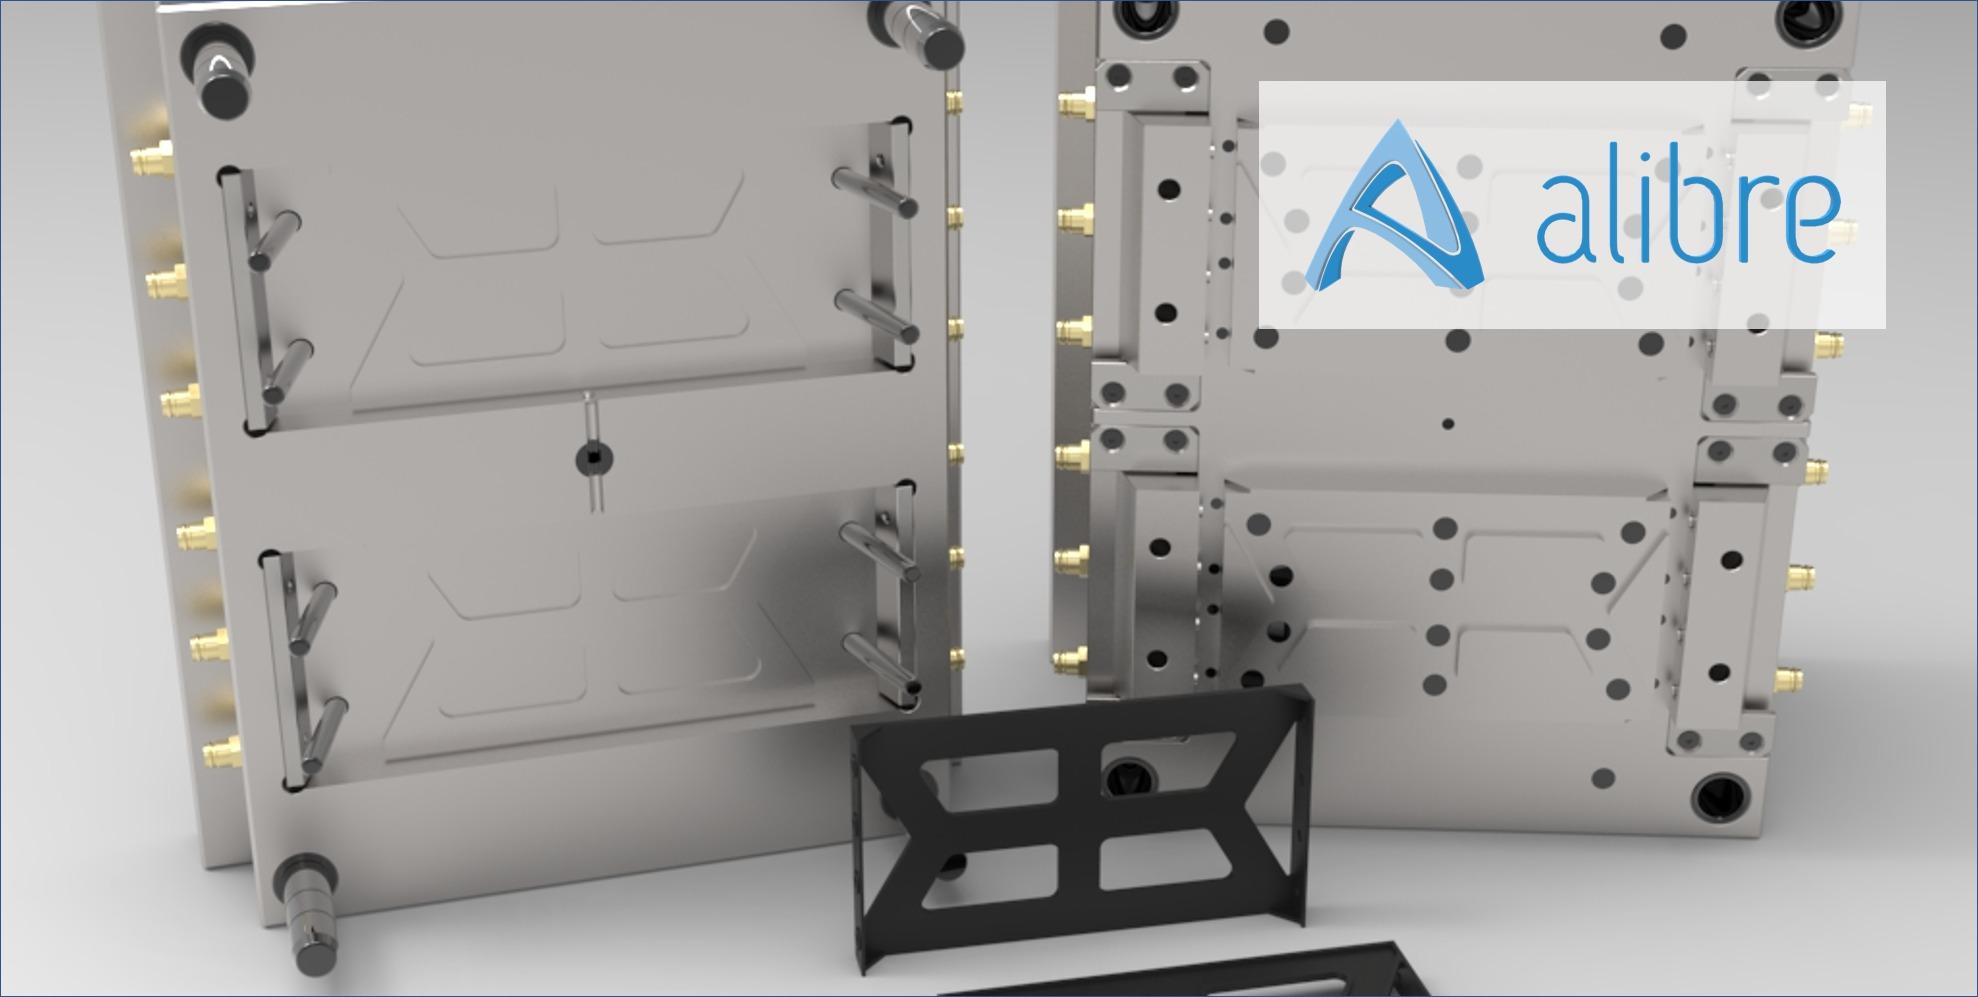 信頼性の高いソリッドデザインカーネルを使用 金型設計などの高アセンブリモデルにも対応